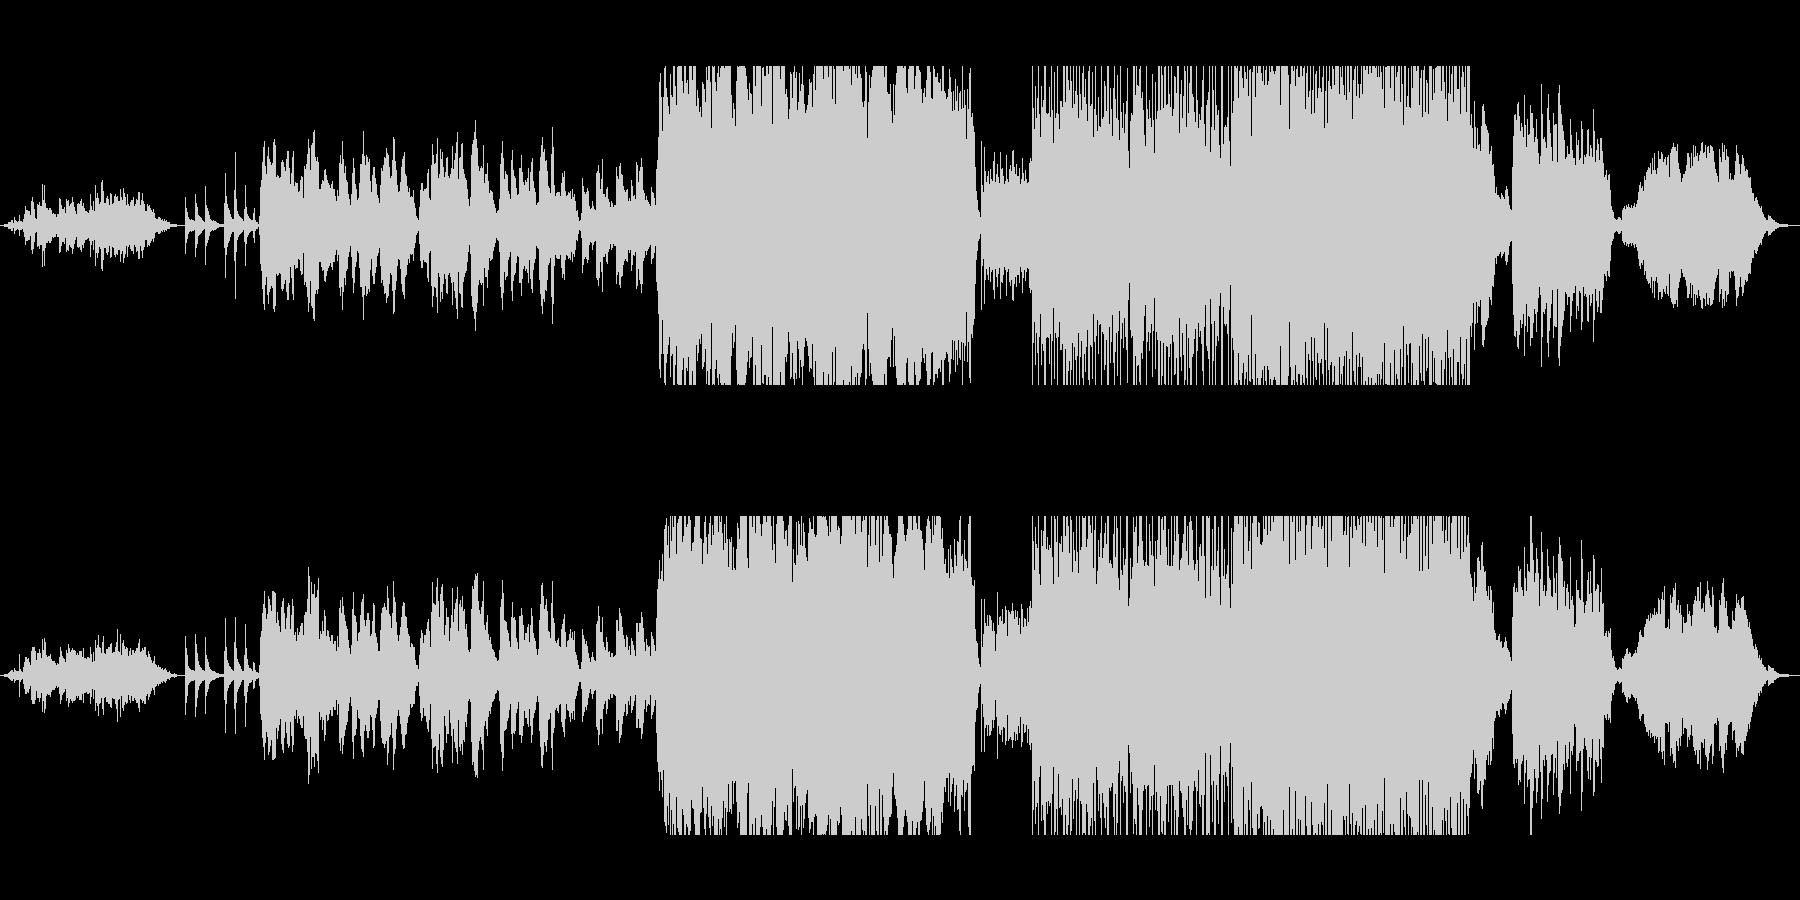 二胡、アイリッシュホイッスルによる演奏の未再生の波形